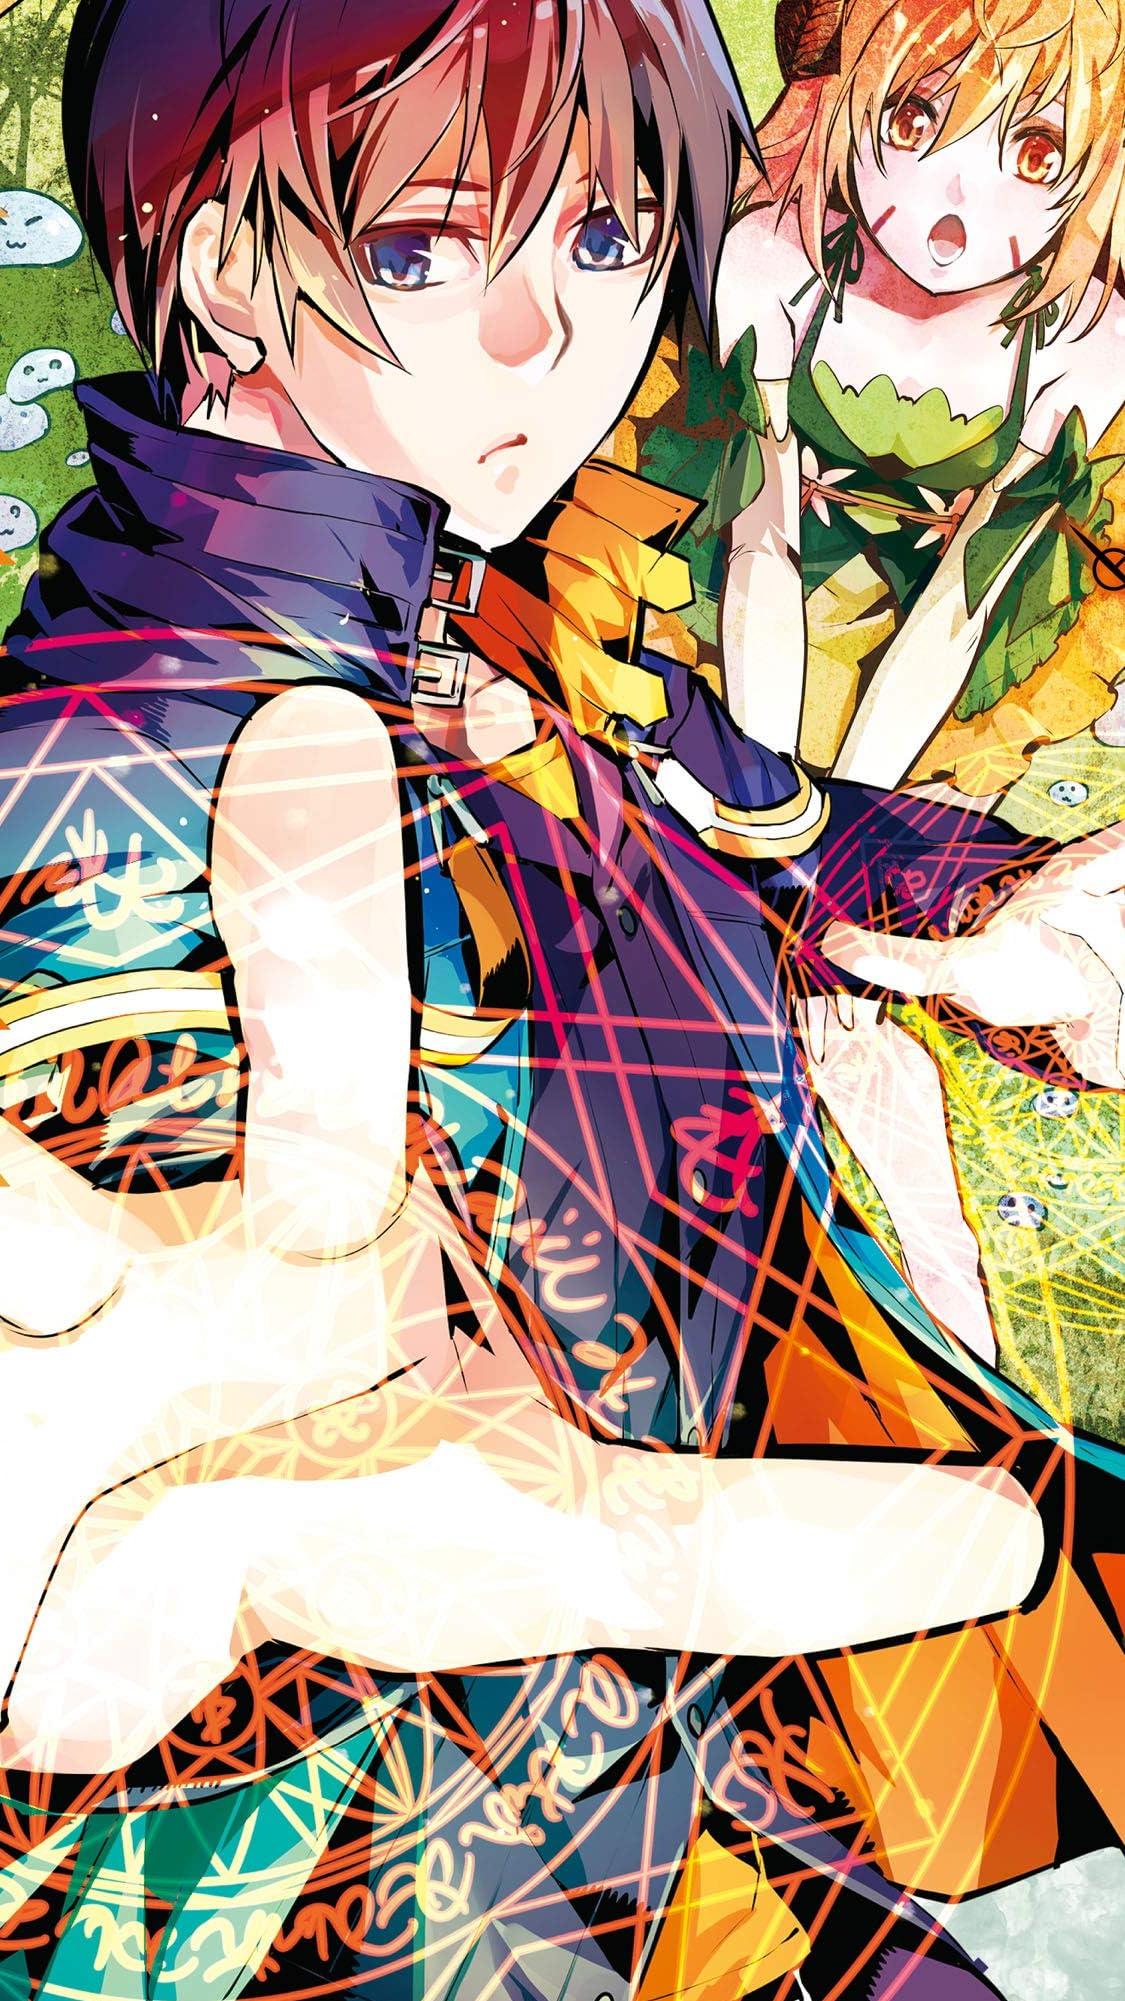 転生賢者の異世界ライフ 佐野 ユージ(さの ユージ),ドライアド iPhone8,7,6 Plus 壁紙 拡大(1125×2001)画像